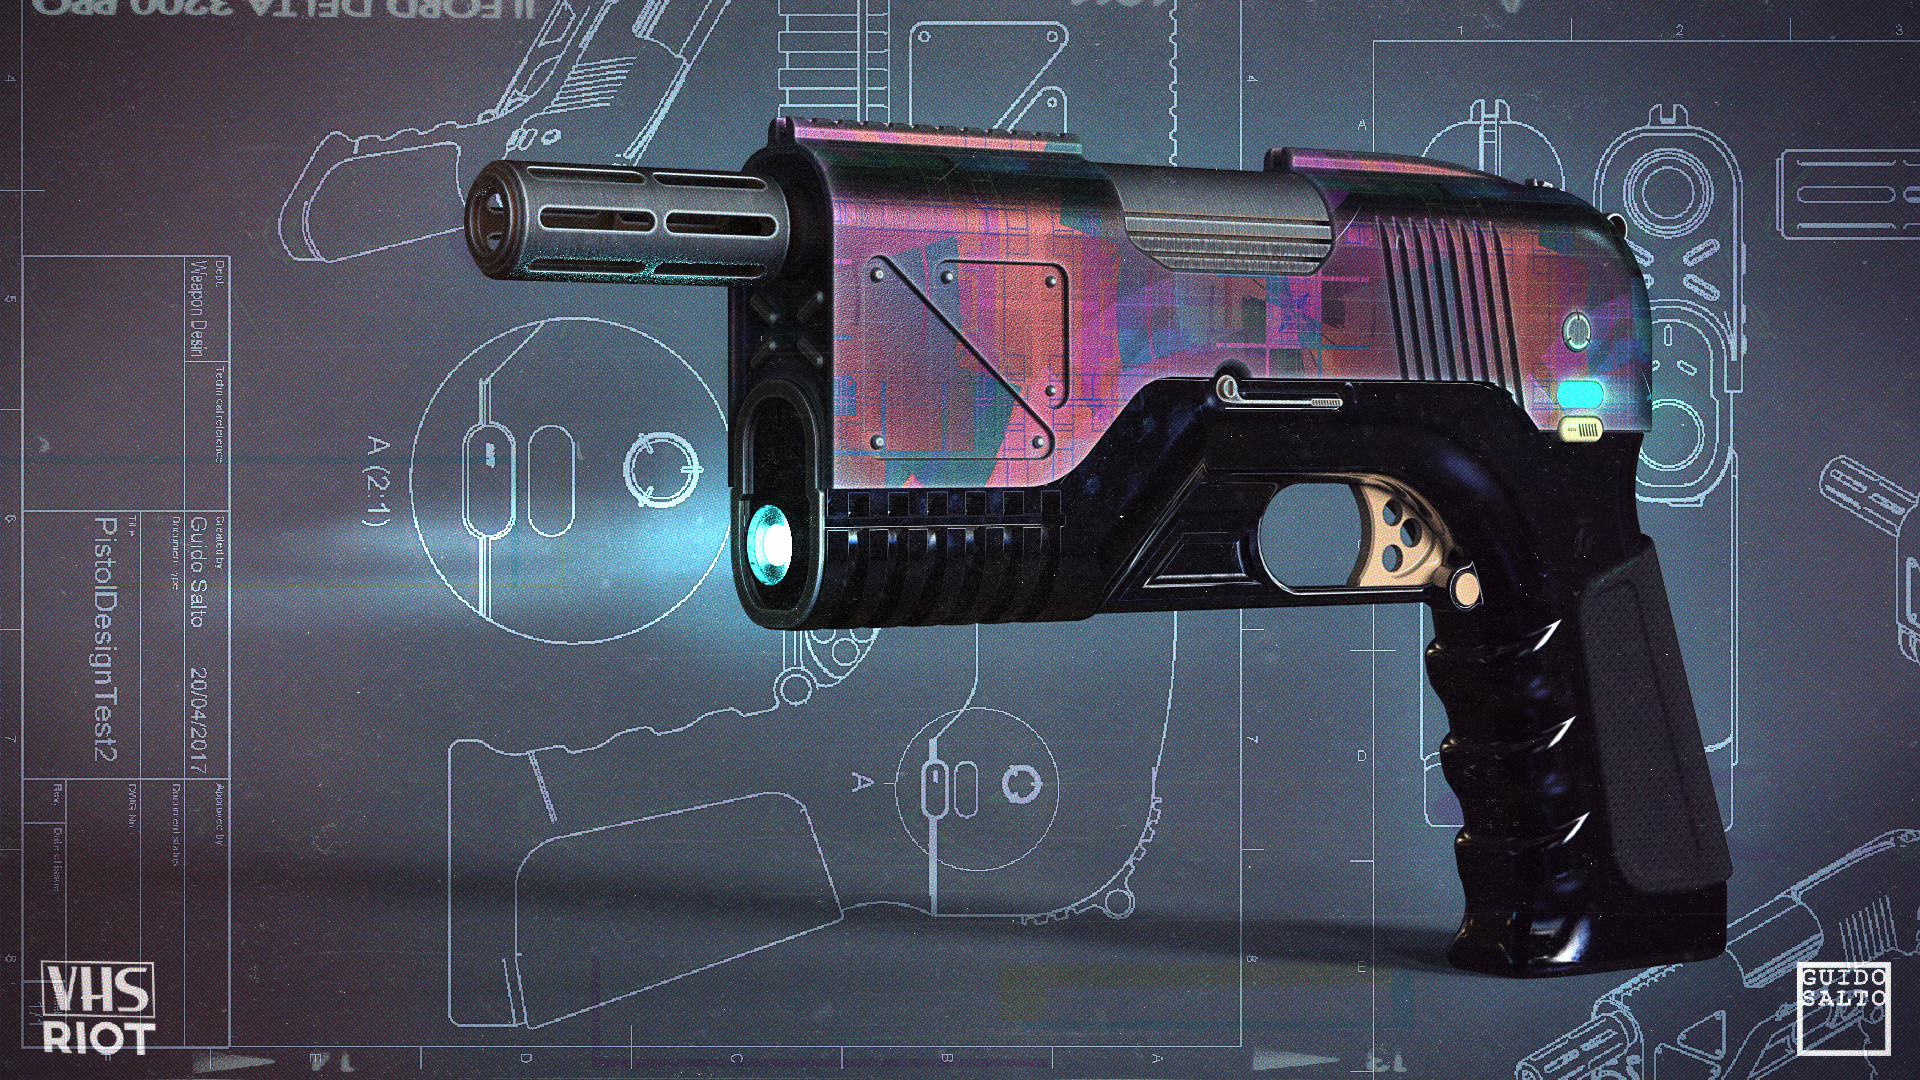 VHS RIOT GUNS